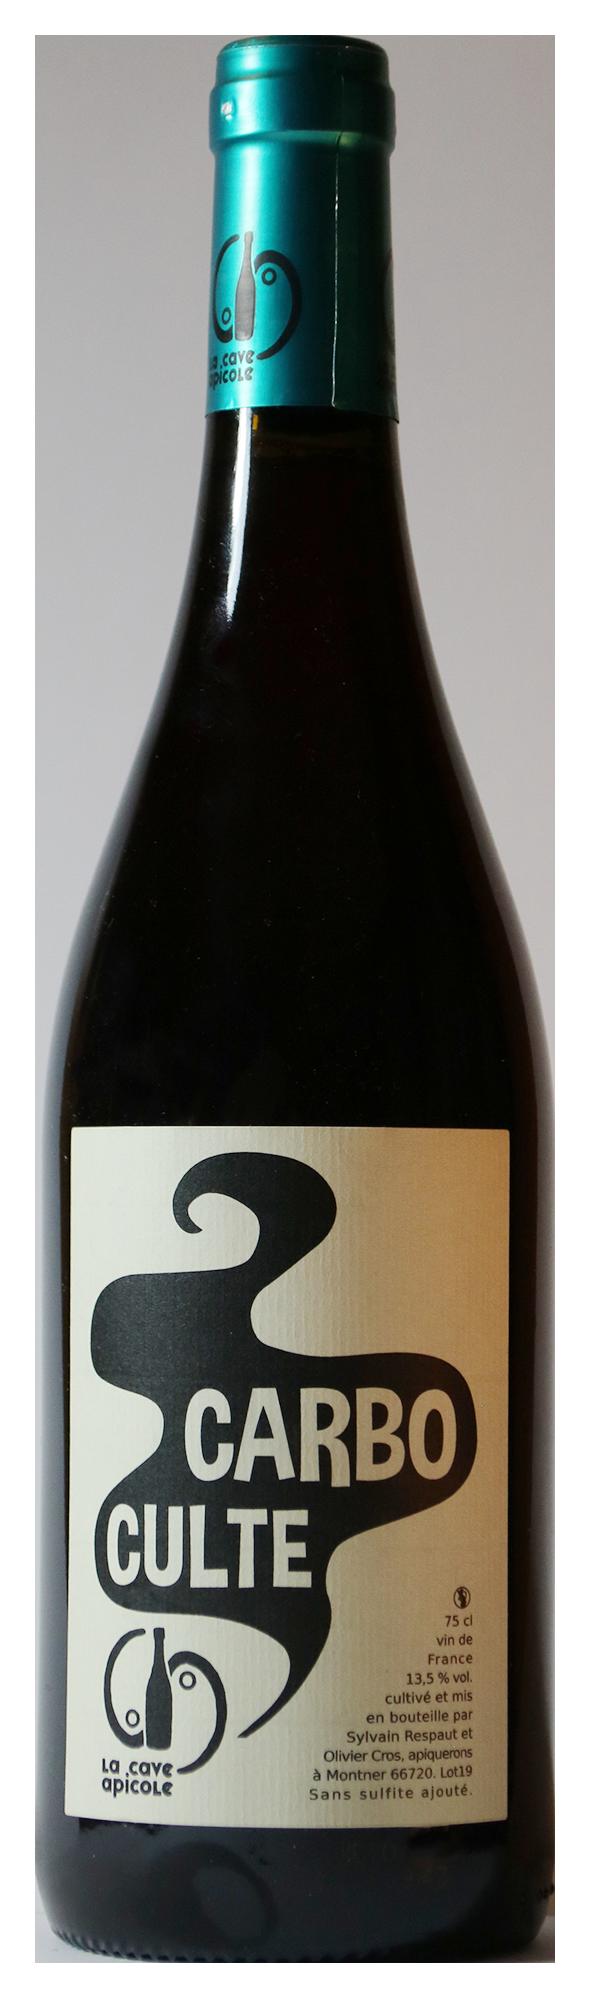 Bouteille de vin rouge naturel, cuvée Carbo Culte 2019 Domaine la Cave Apicole